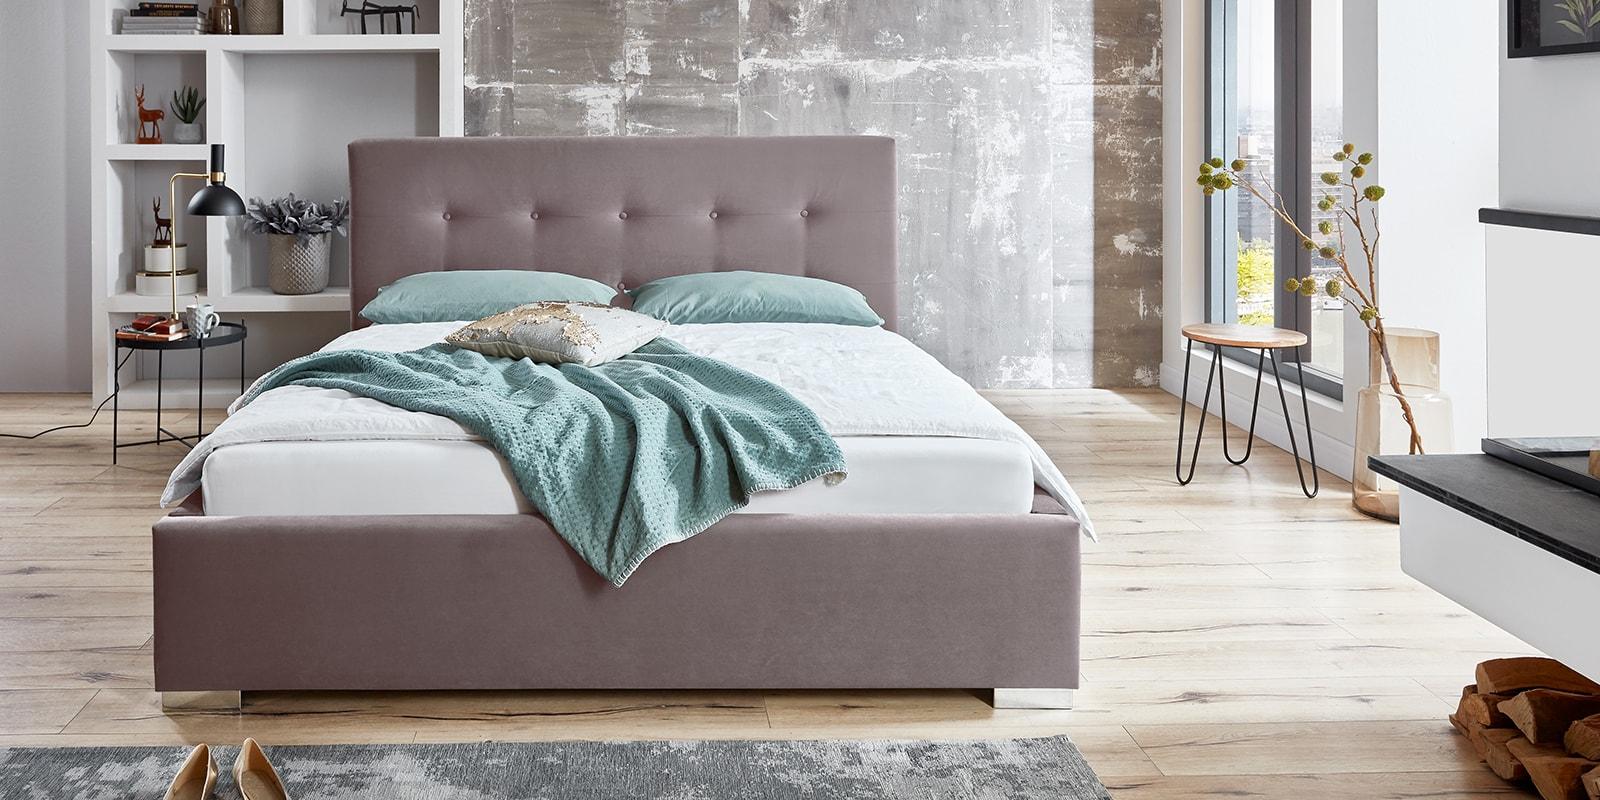 Moebella24 - Bett - mit - Bettkasten - Betty - Samt - Rose - Stauraum - Kopfteil - mit - Knopfheftung- Bettkasten - Frontal